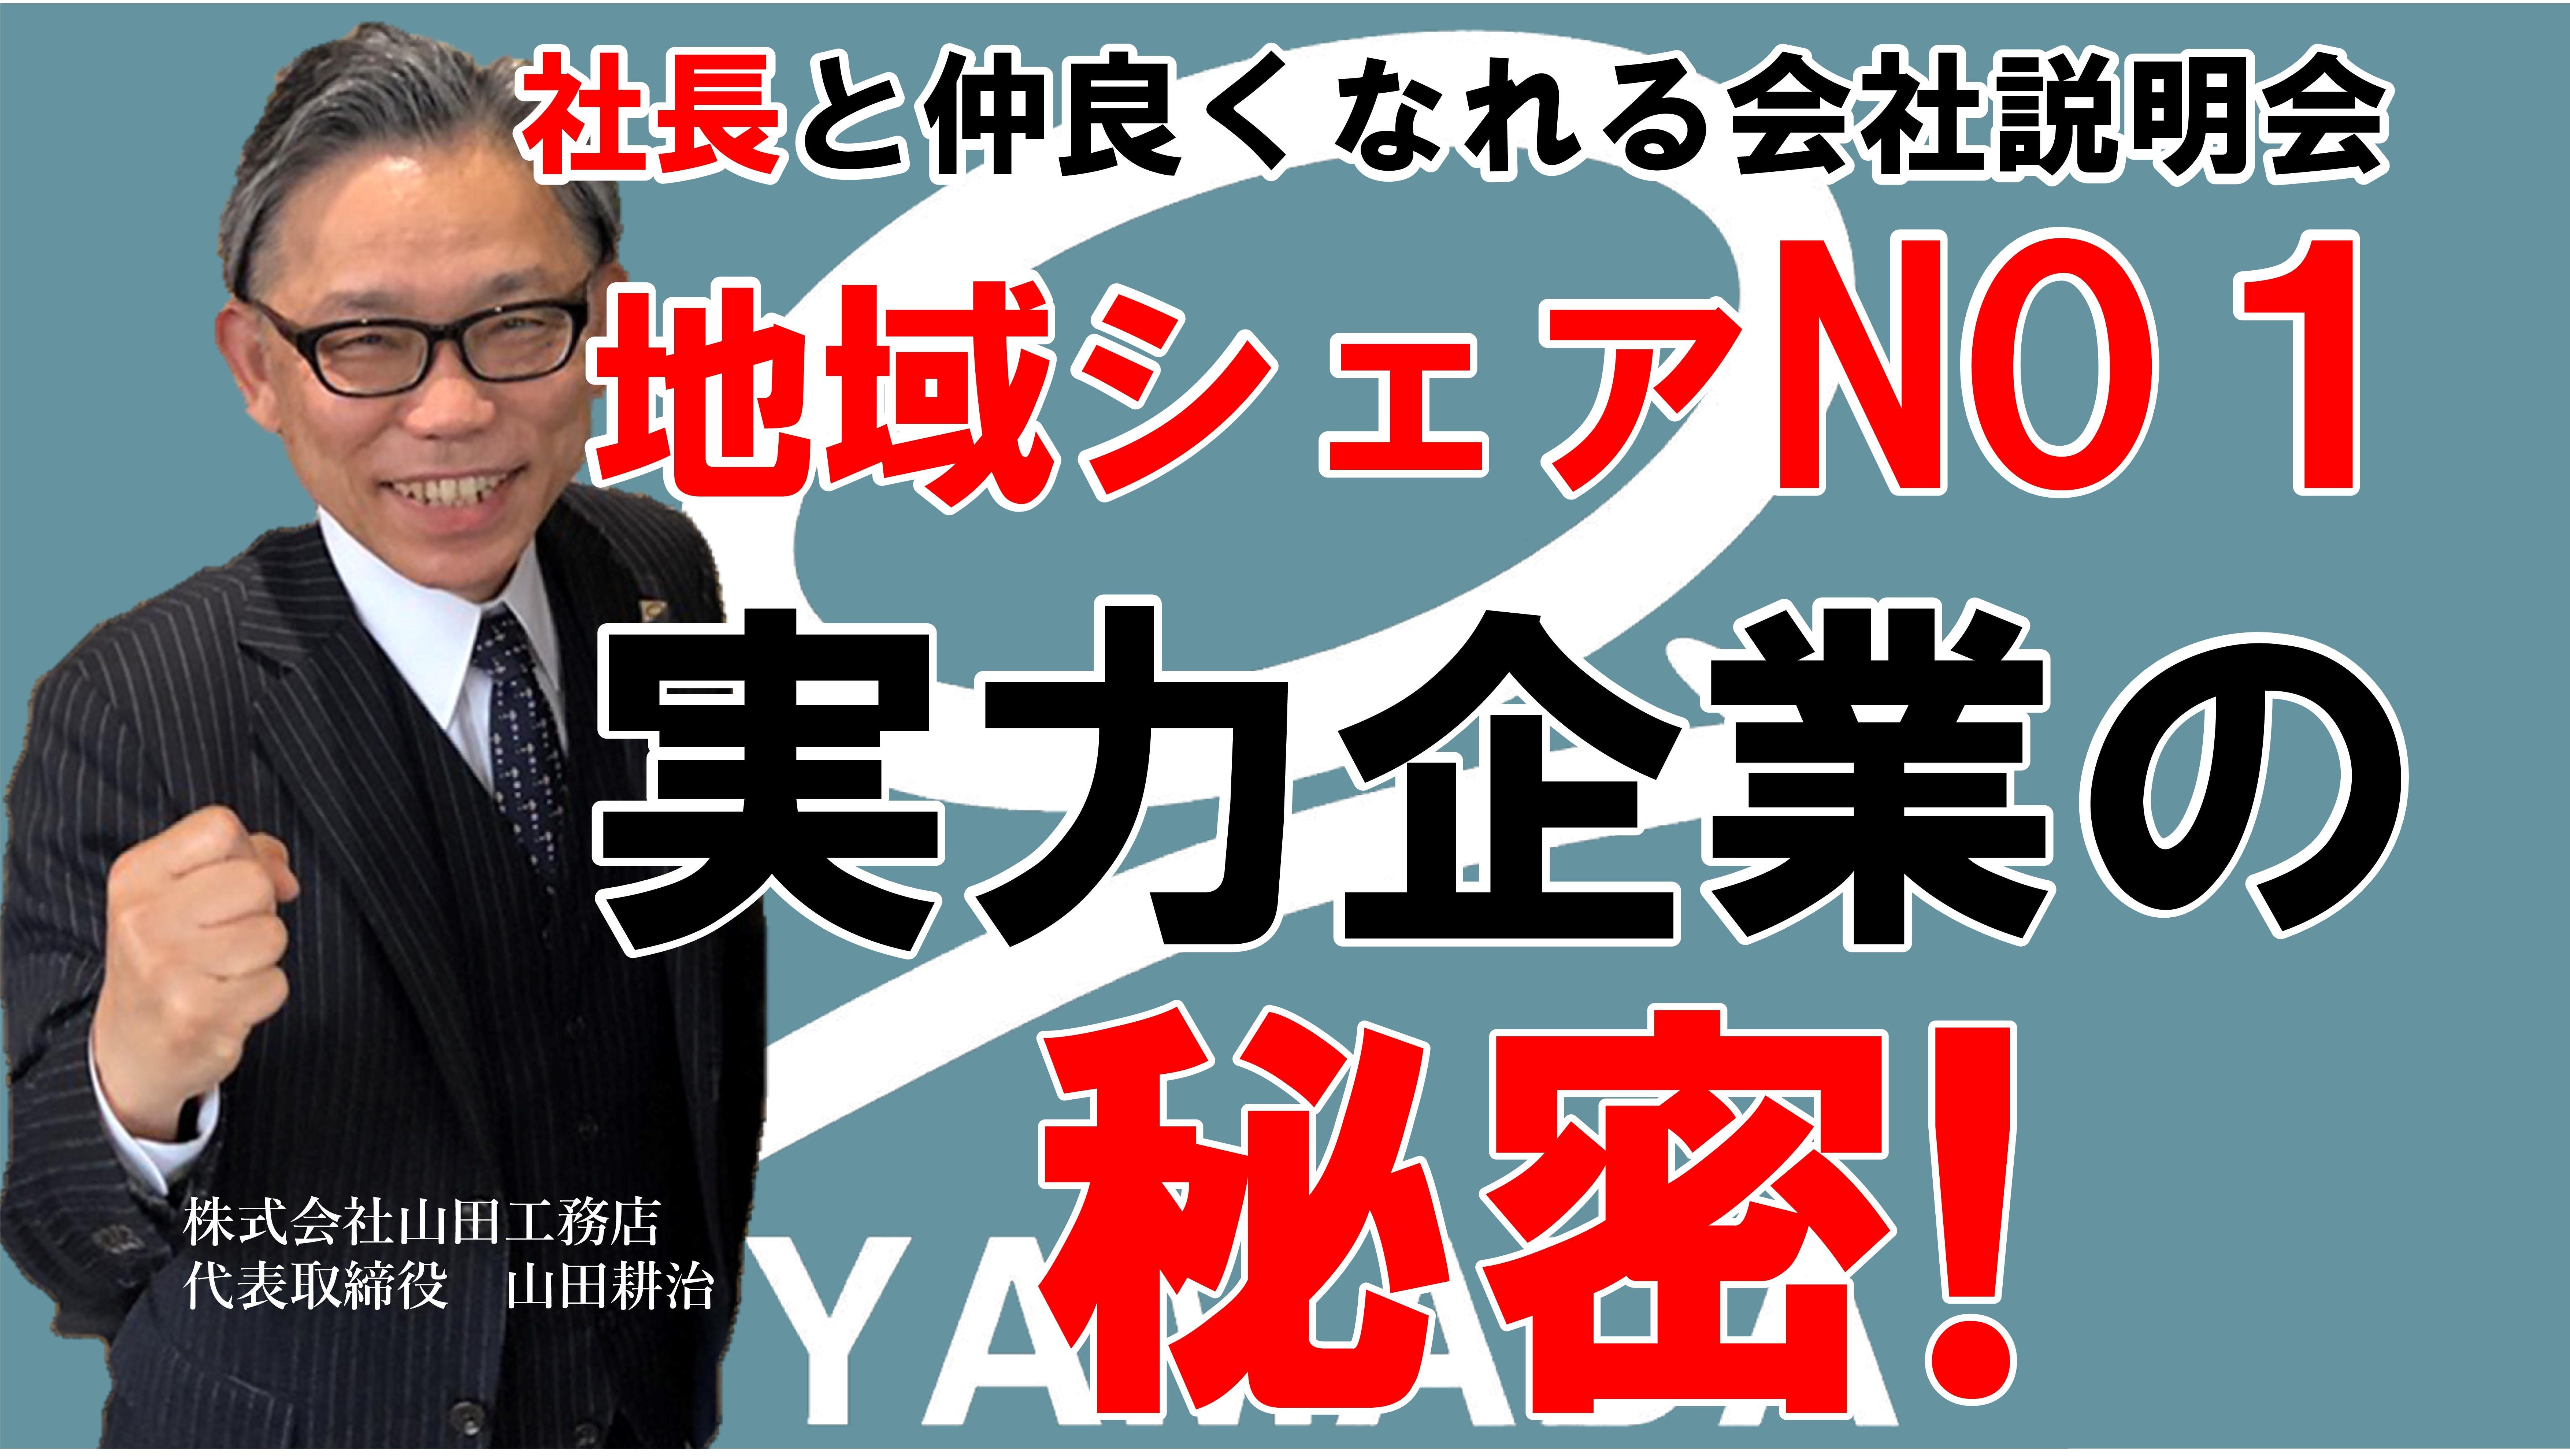 オンライン会社説明会開催決定!